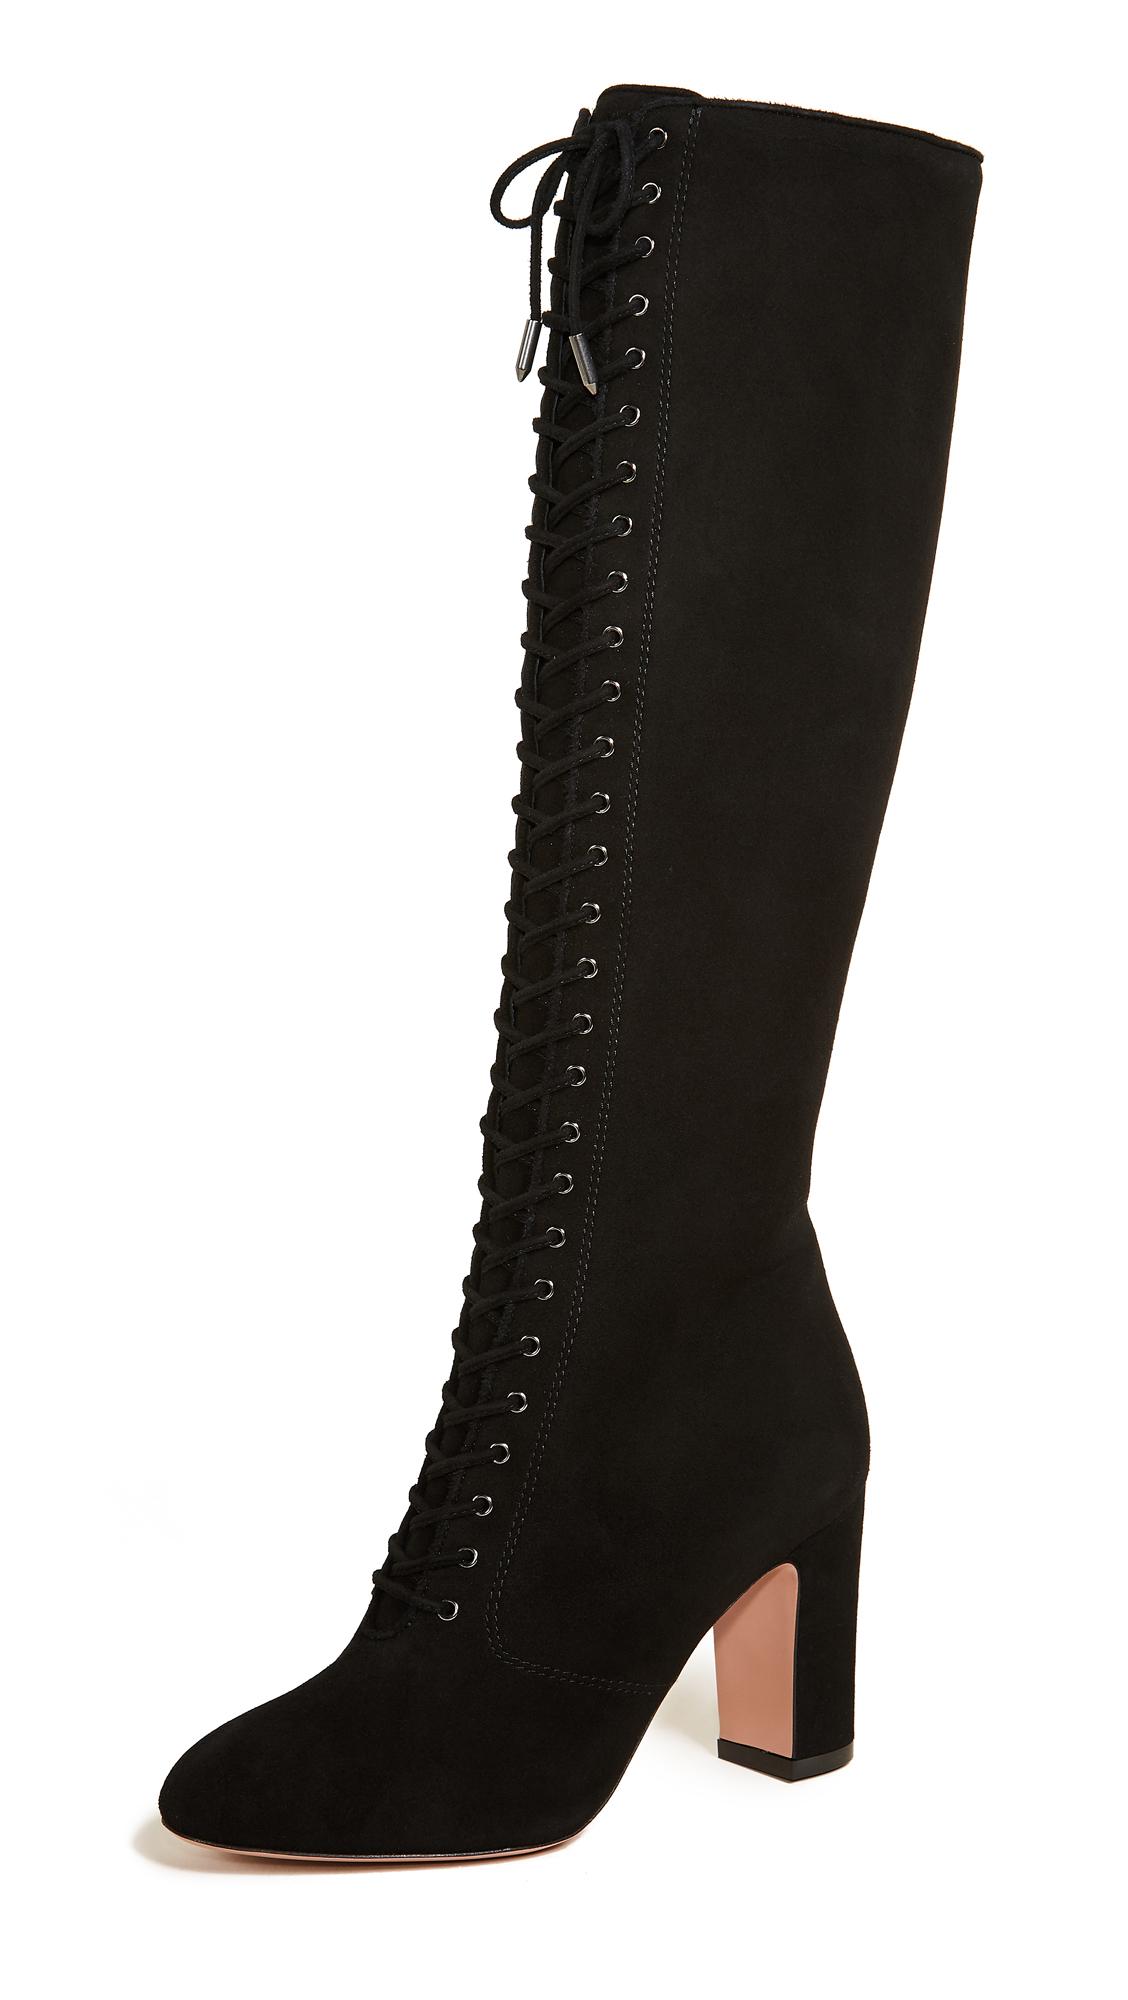 Aquazzura Amber 85 Boots - Black